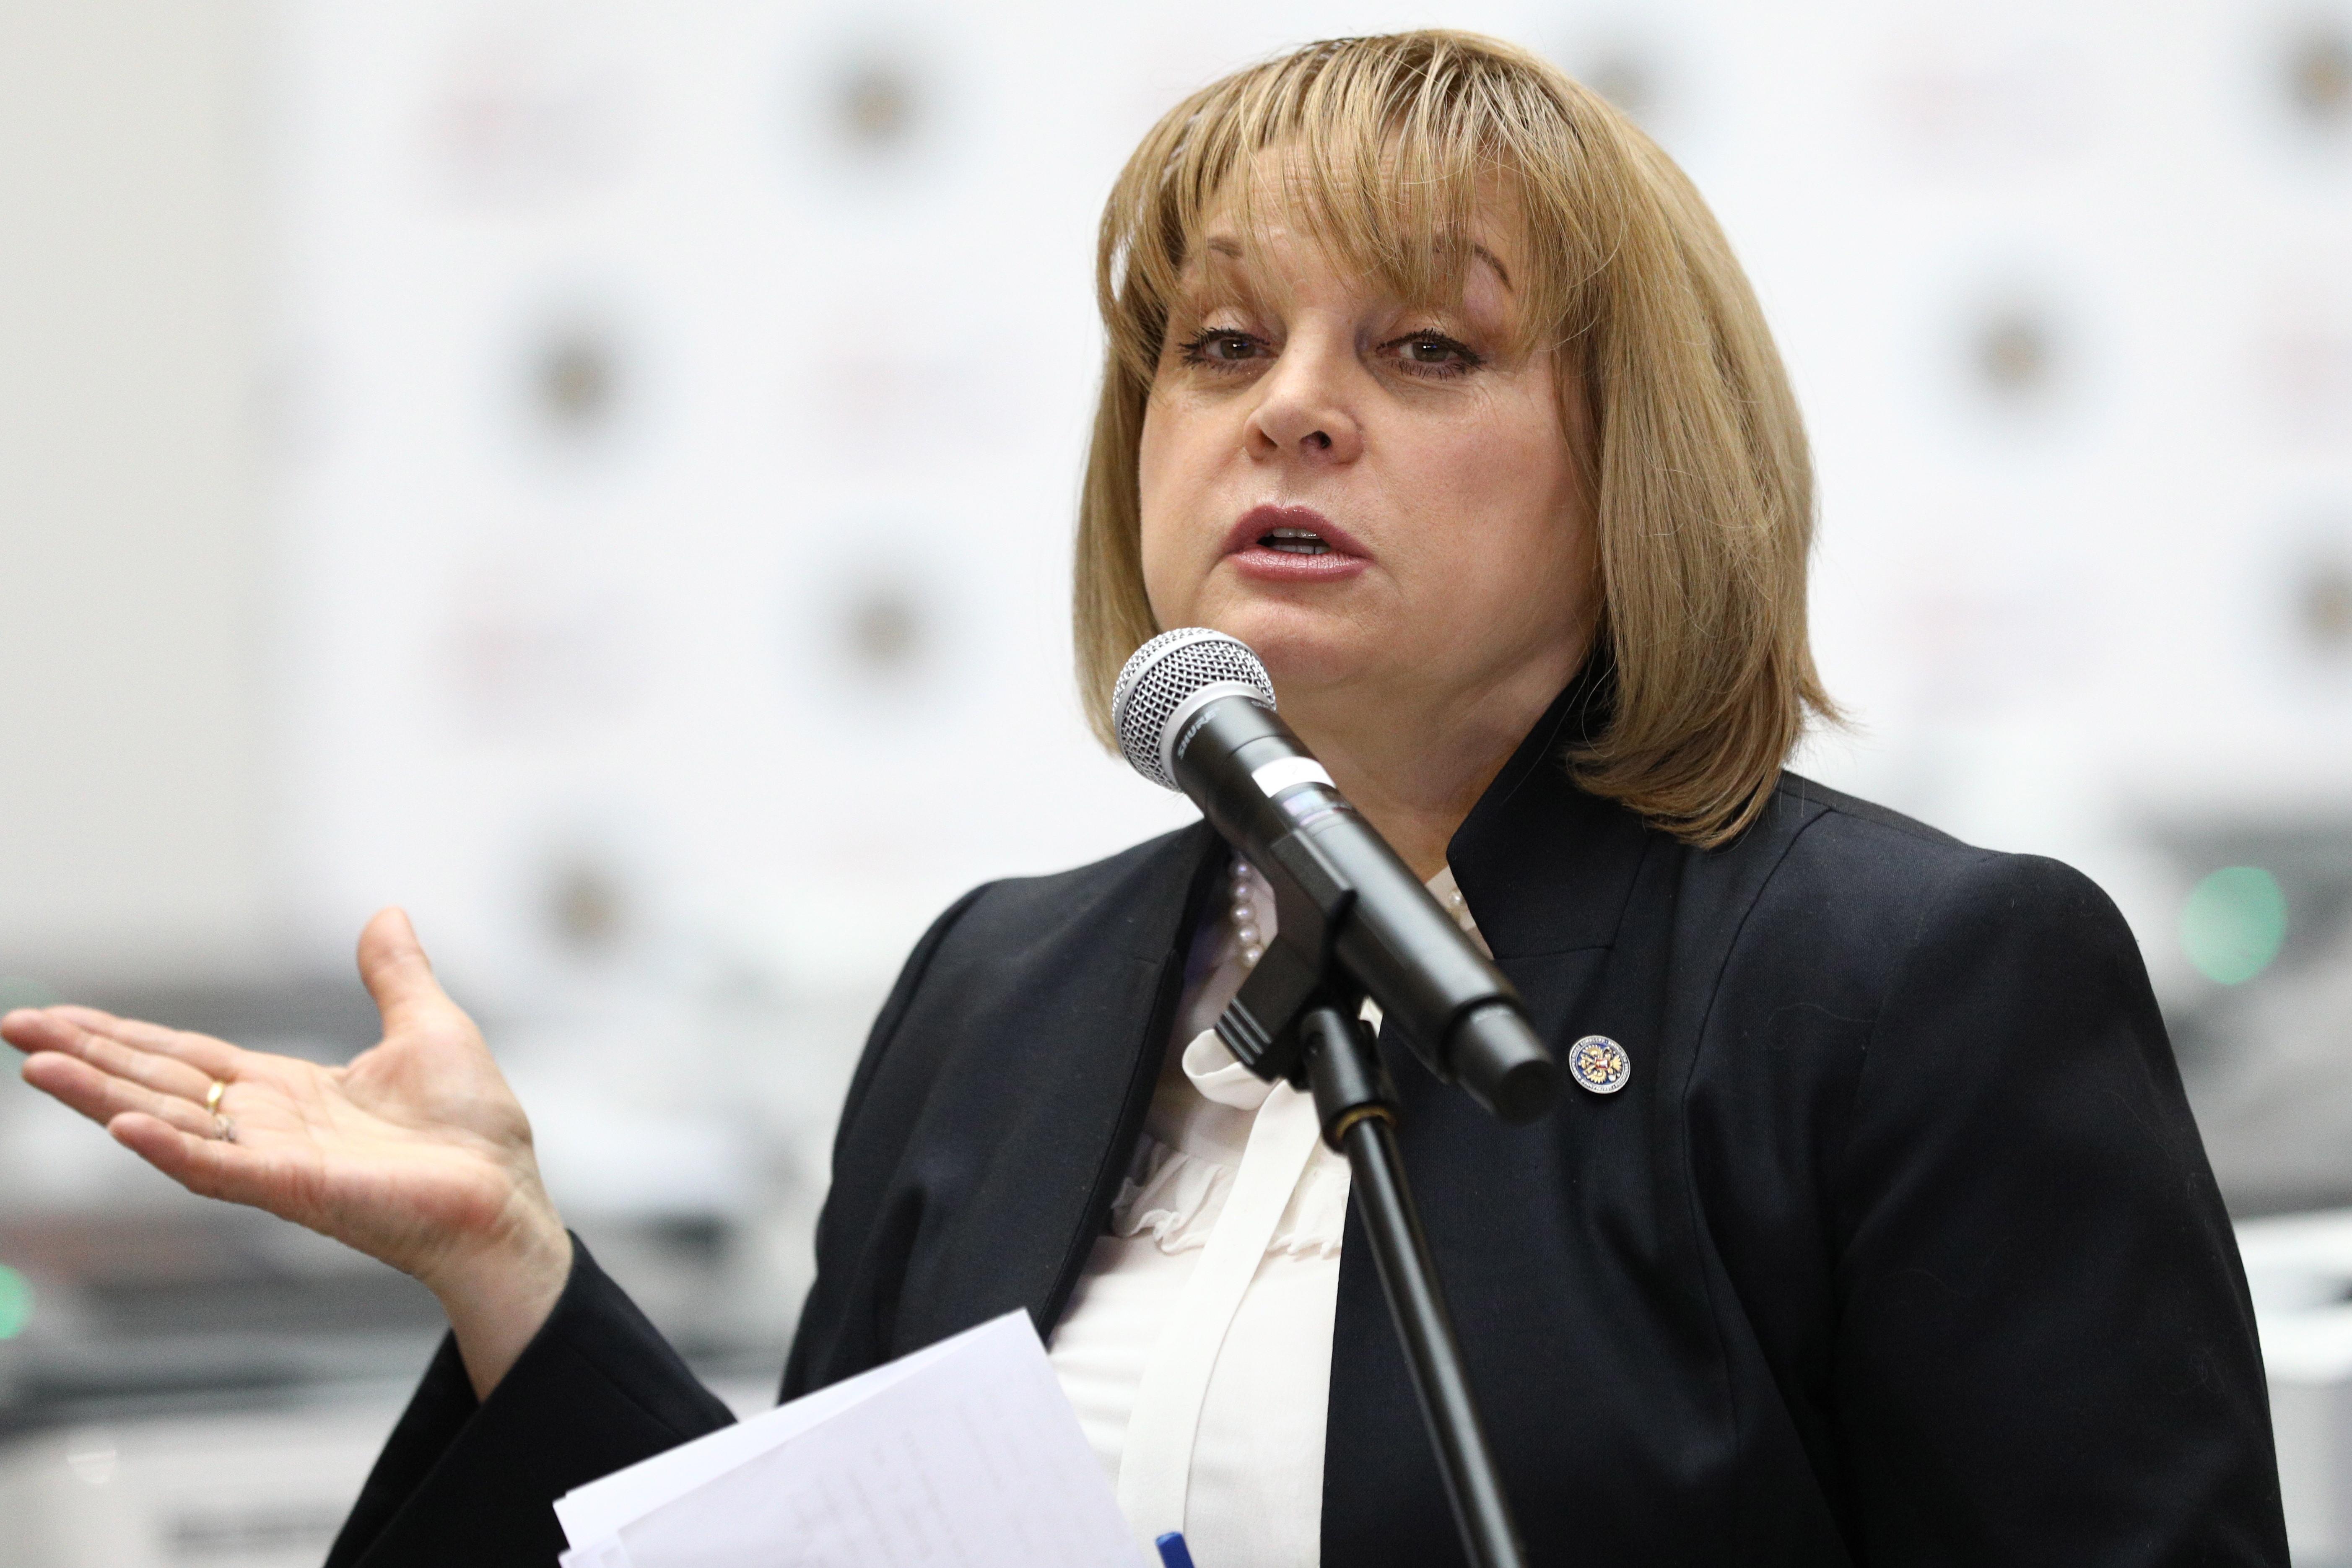 Памфилова поблагодарила избирателей: Спасибо, что неравнодушны ксудьбе страны